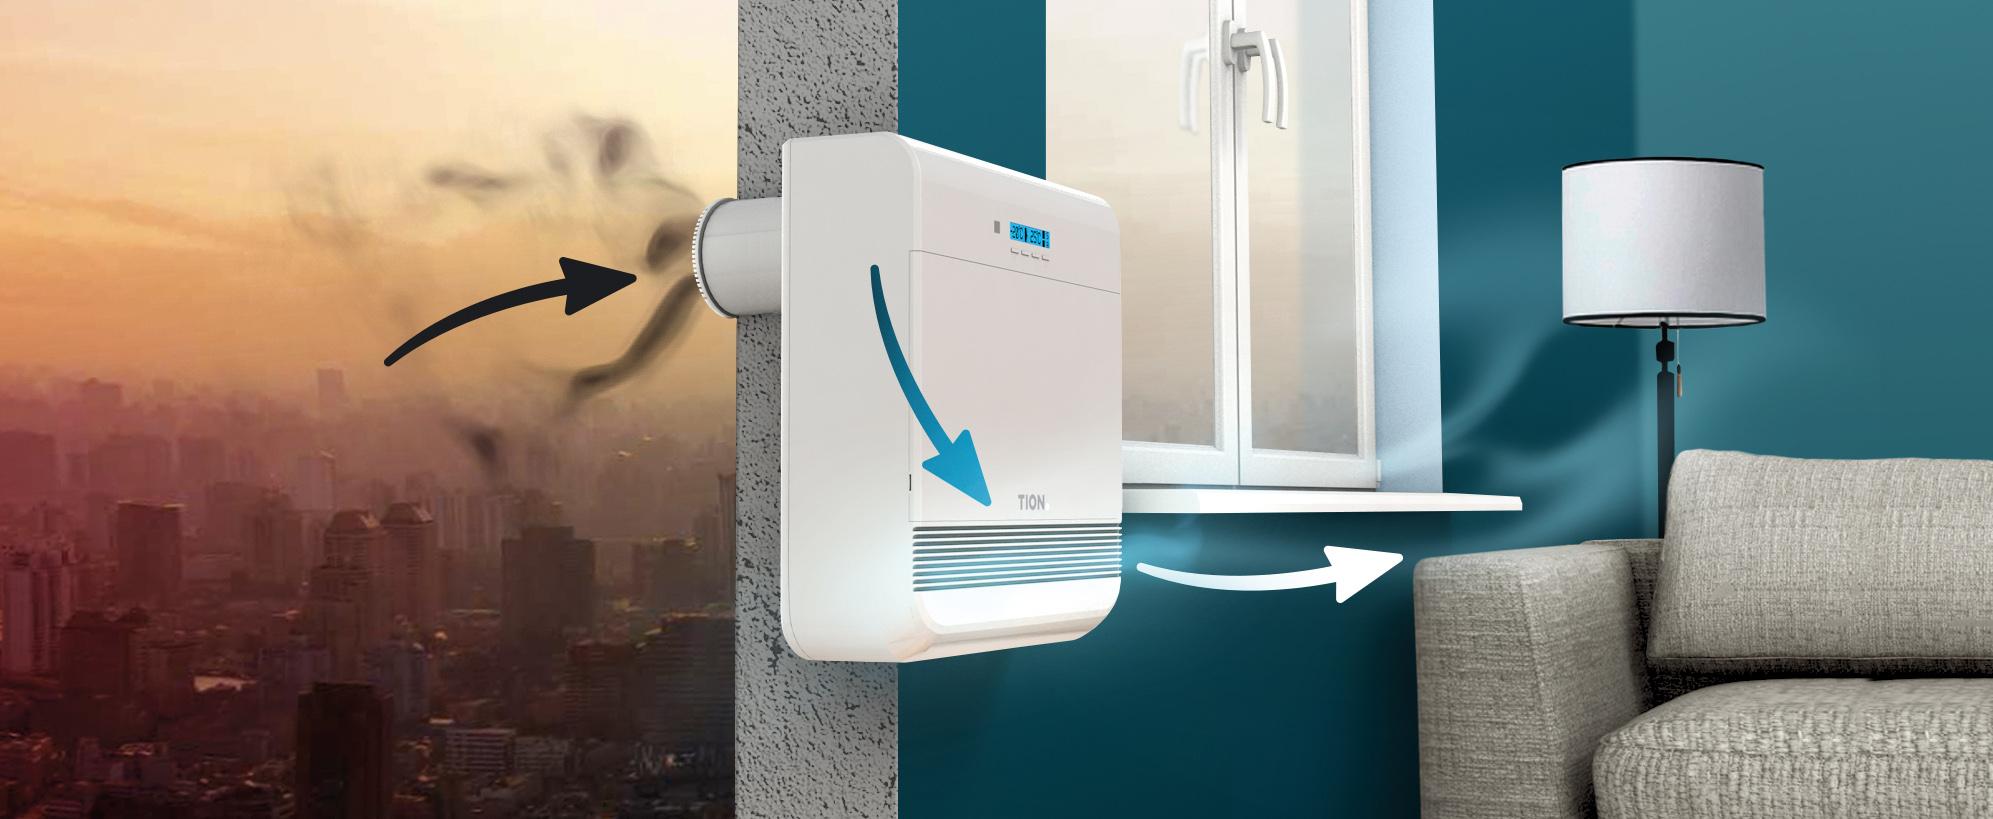 Проект вентиляции и кондиционирования в квартире